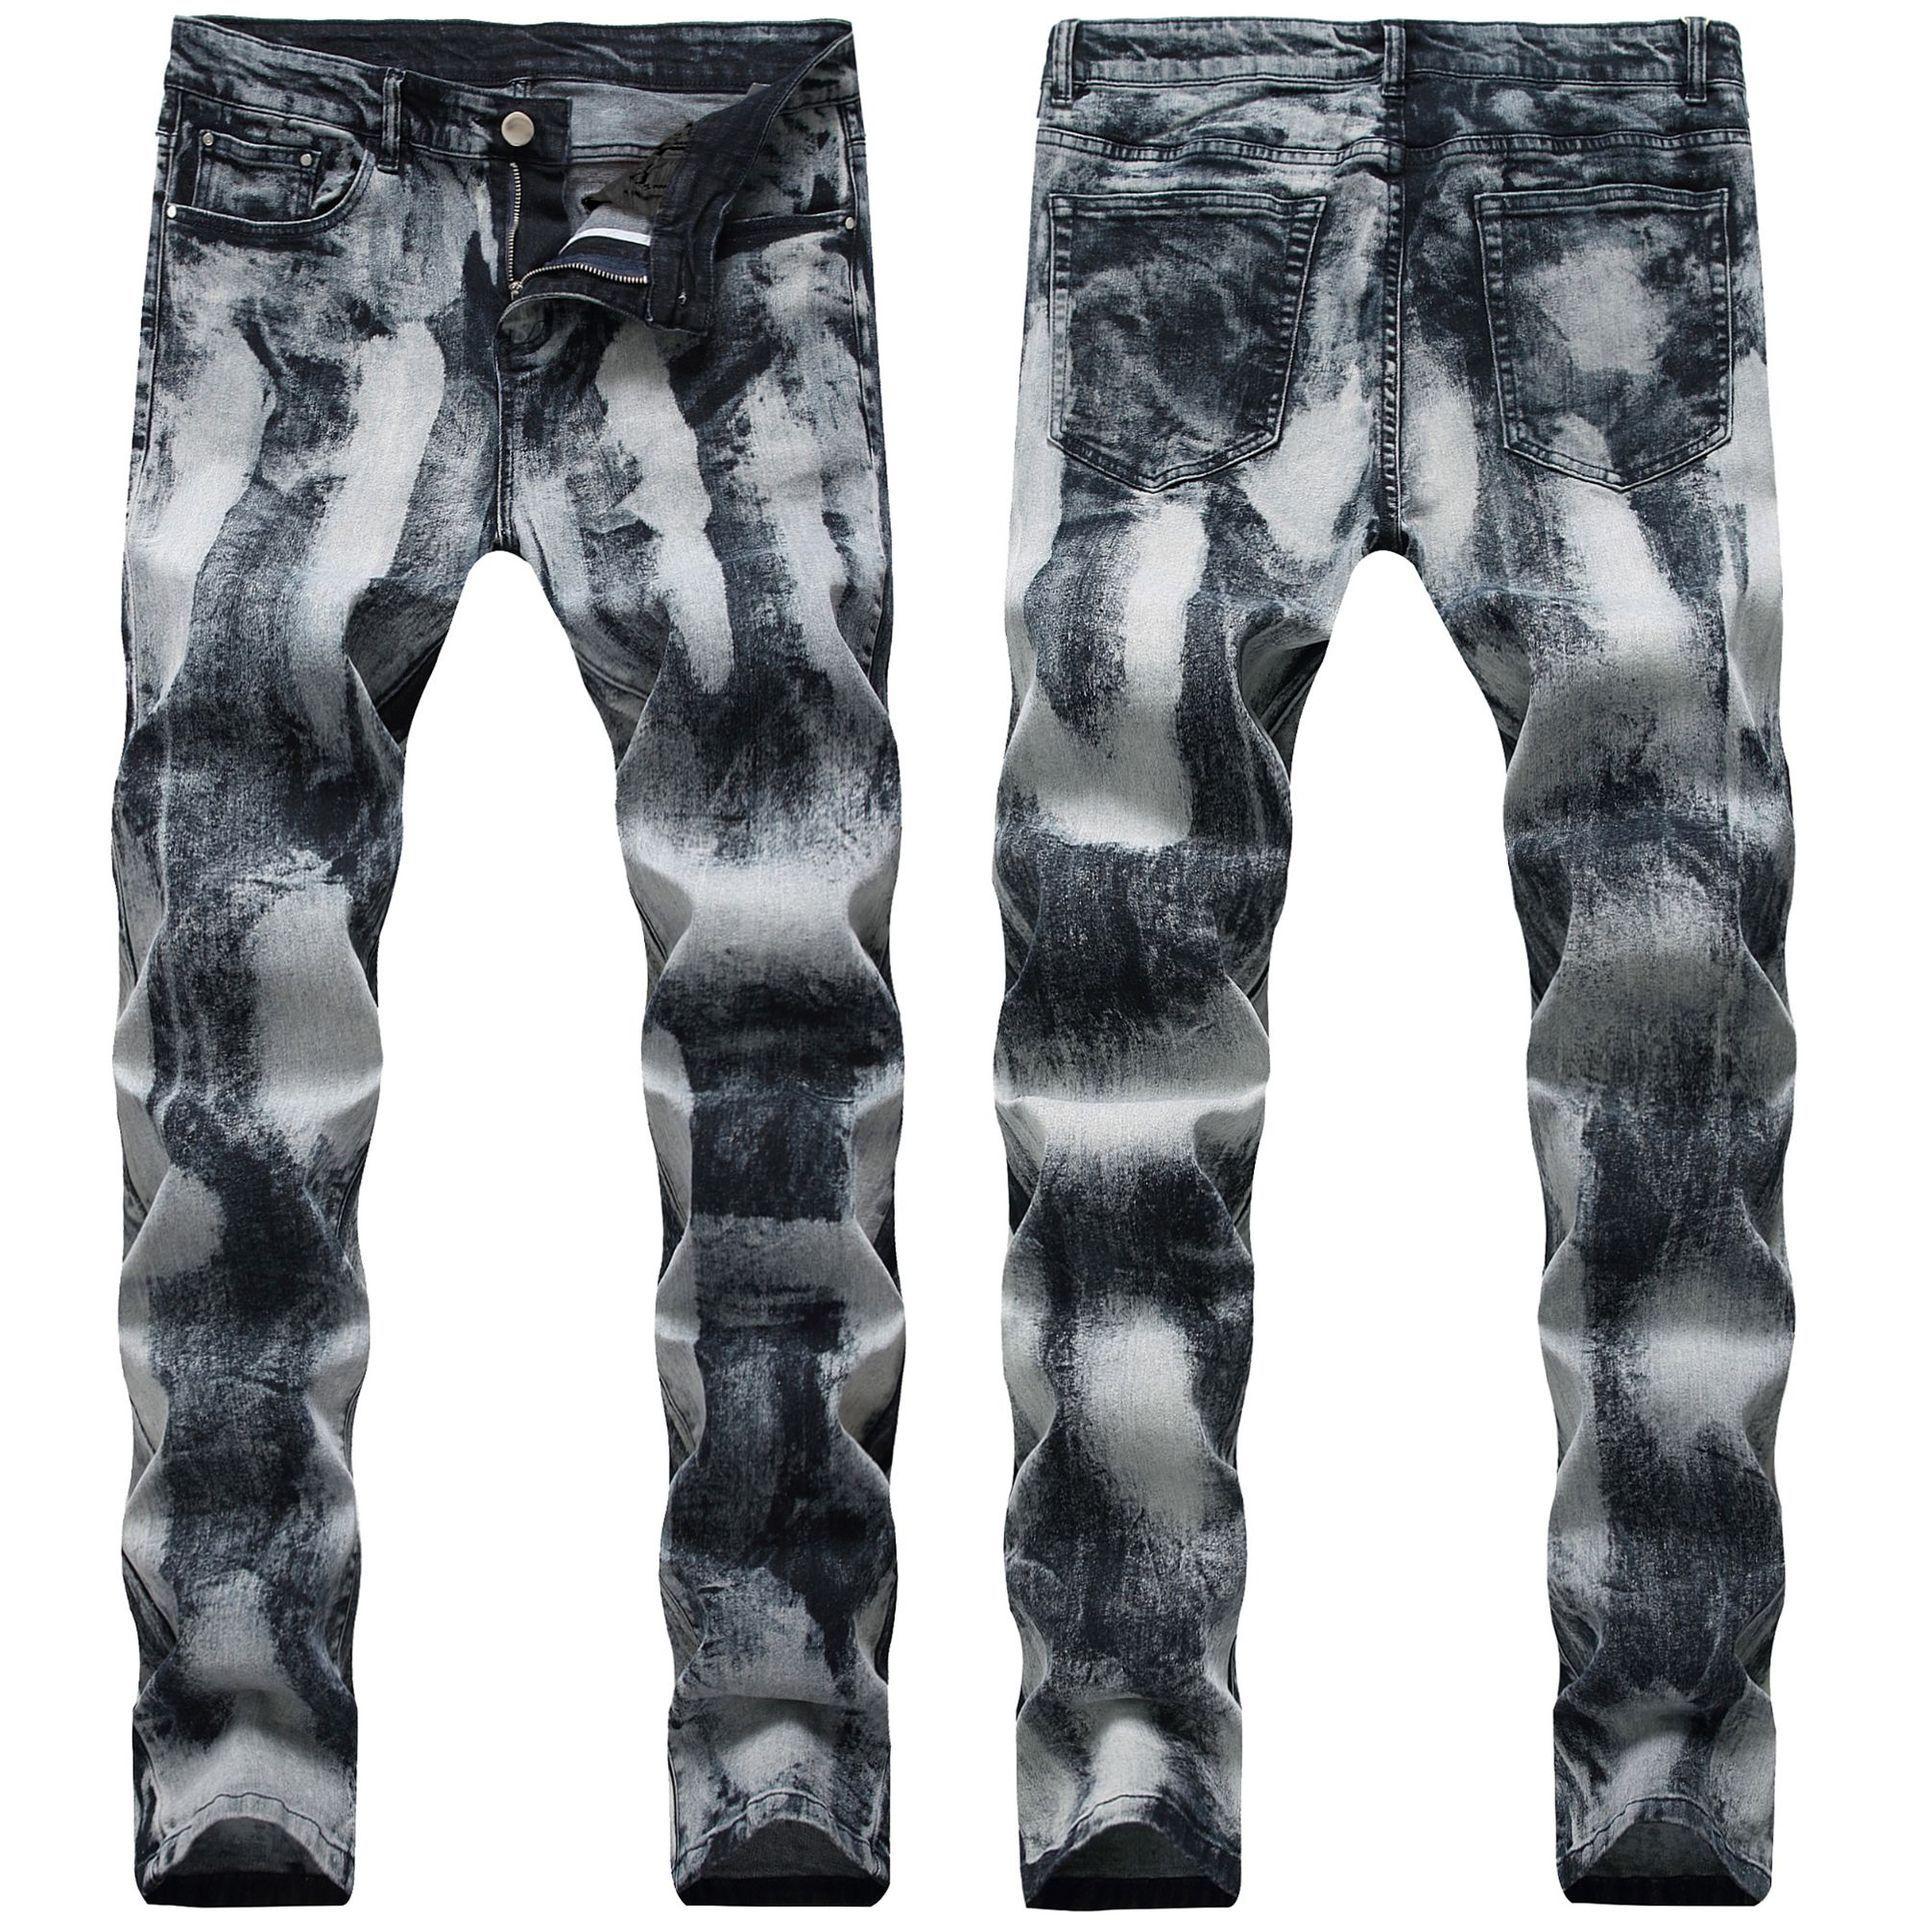 Manera- 21 Estilos Jeans para hombre Pantalones Pliegue motocicleta derecha Slim Fit Europa y América del agujero rasgado lavada Moda Pantalones Lápiz Pantalones St